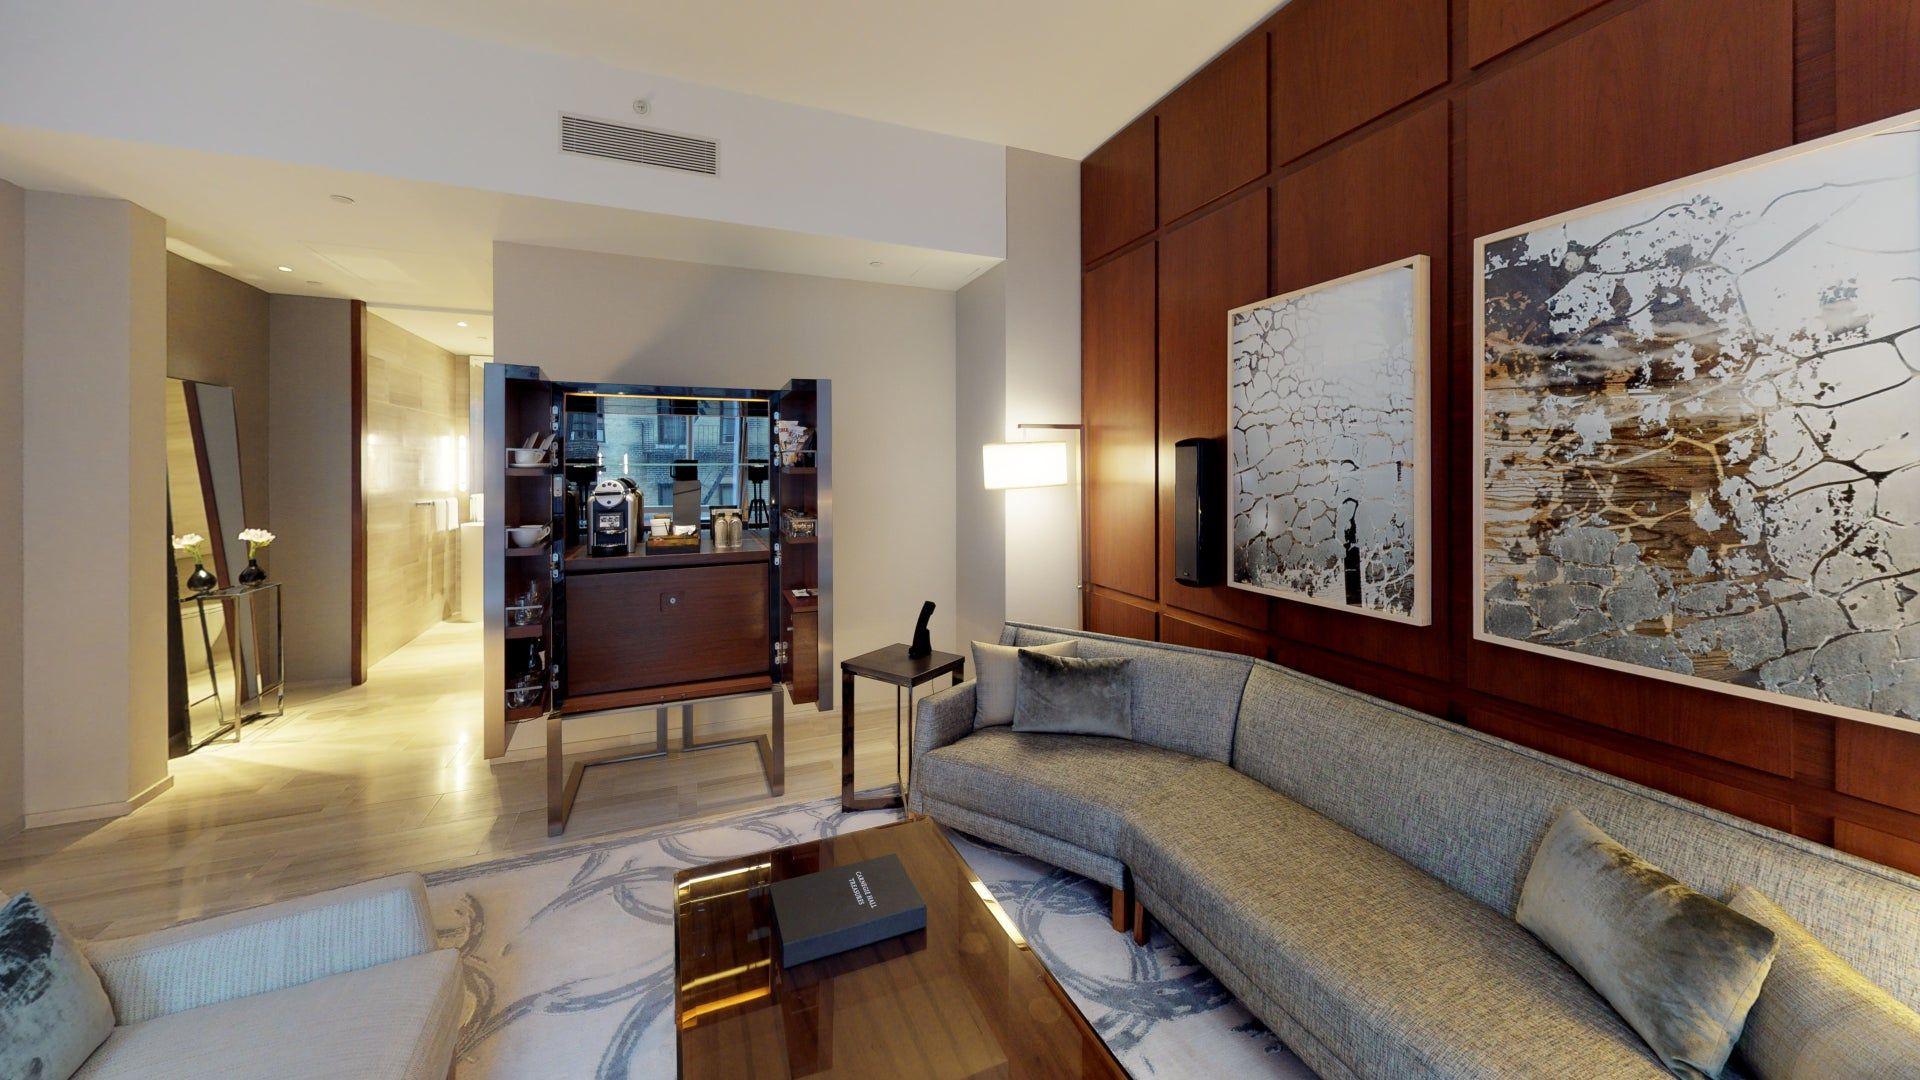 Park Hyatt New York 1 Bedroom Suite Matterport 3D